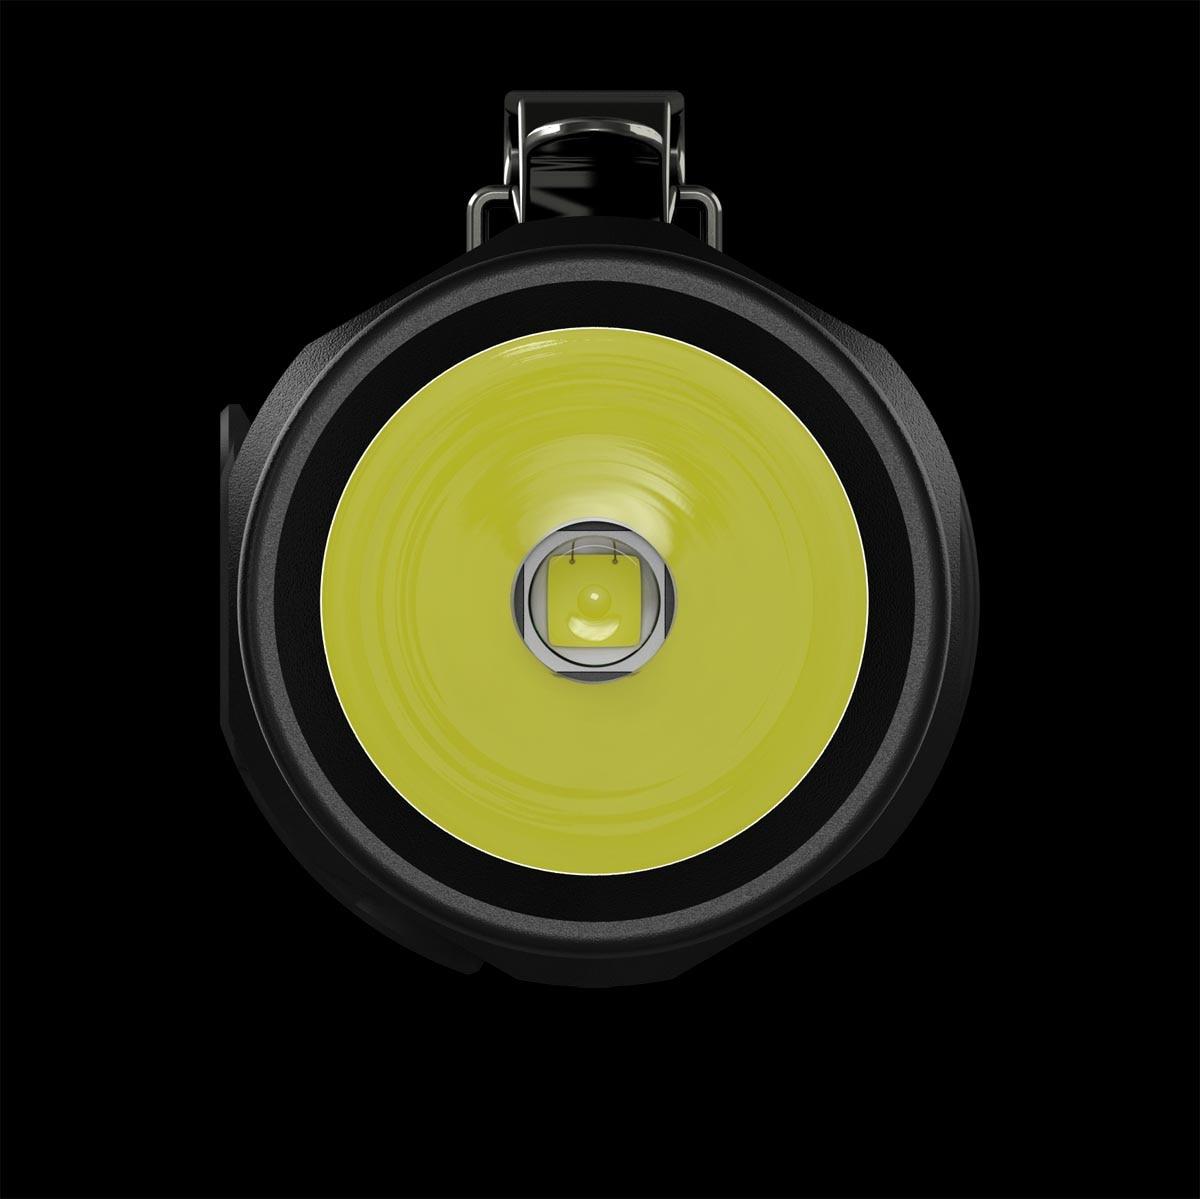 TOPSALE NITECORE MH10 1000LM U2 LED USB recargable linterna al aire libre campamento senderismo pesca sin batería 18650 envío gratis - 6